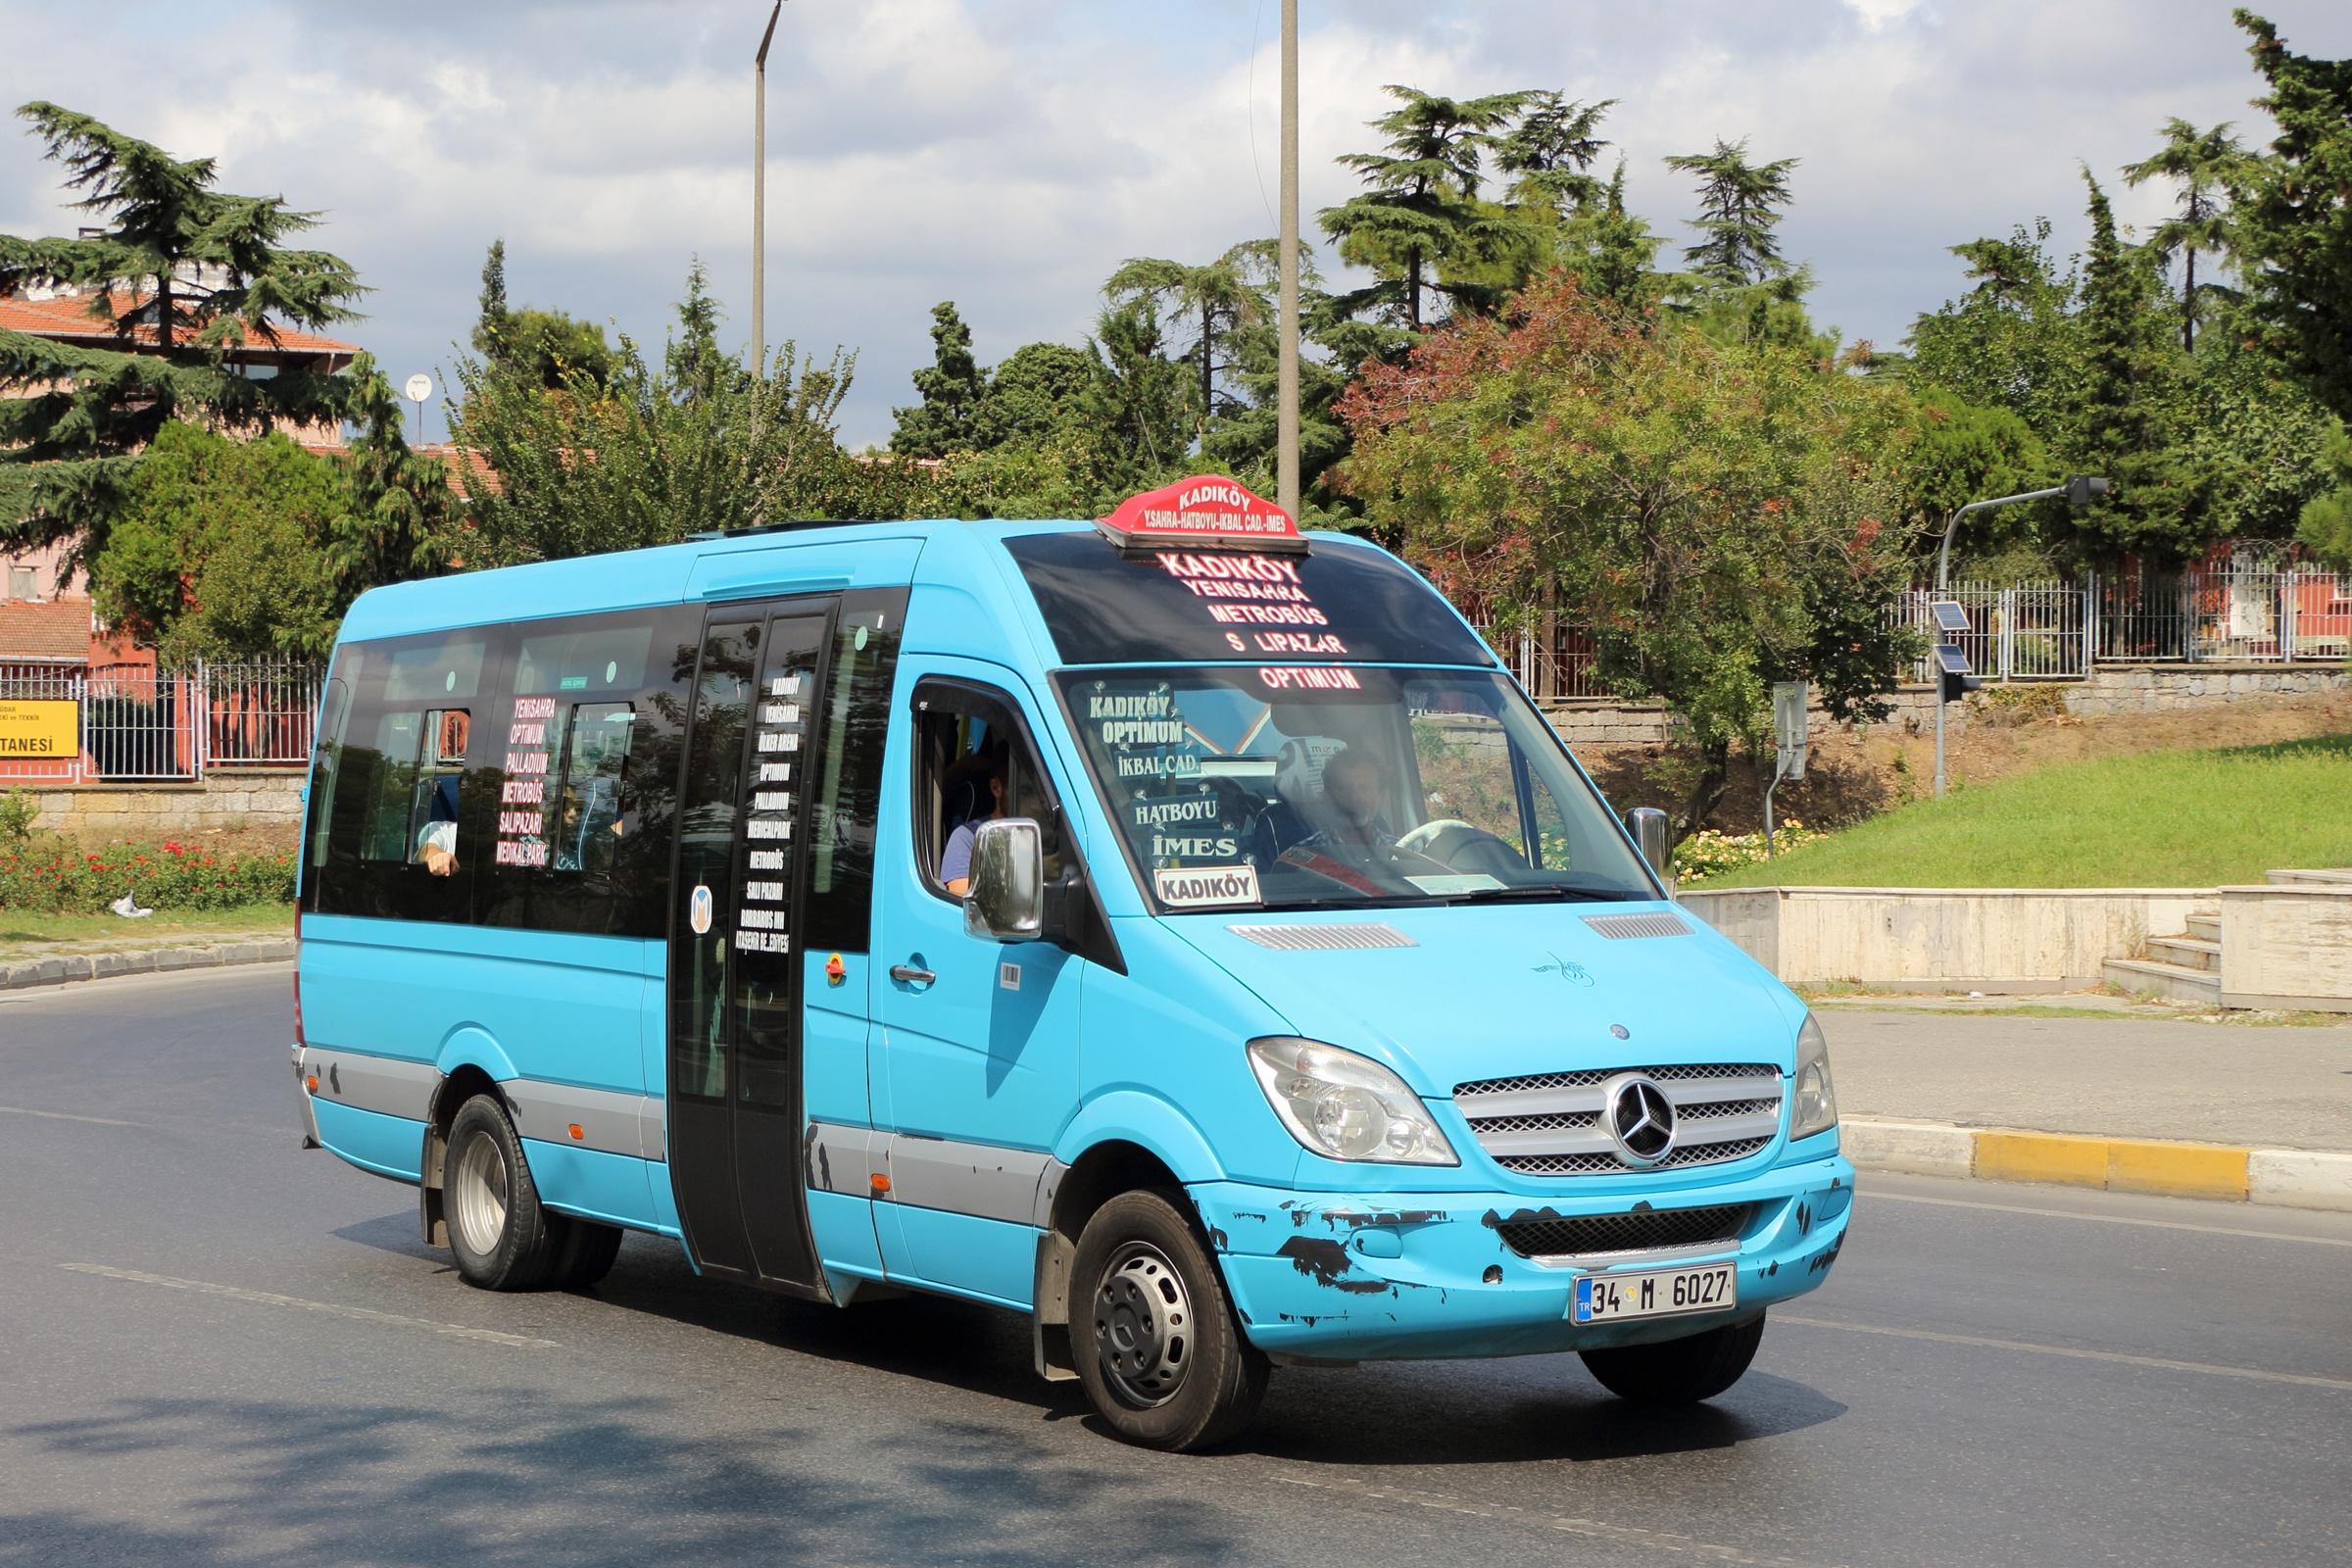 الـ minibus ( الدلامش ) في اسطنبول